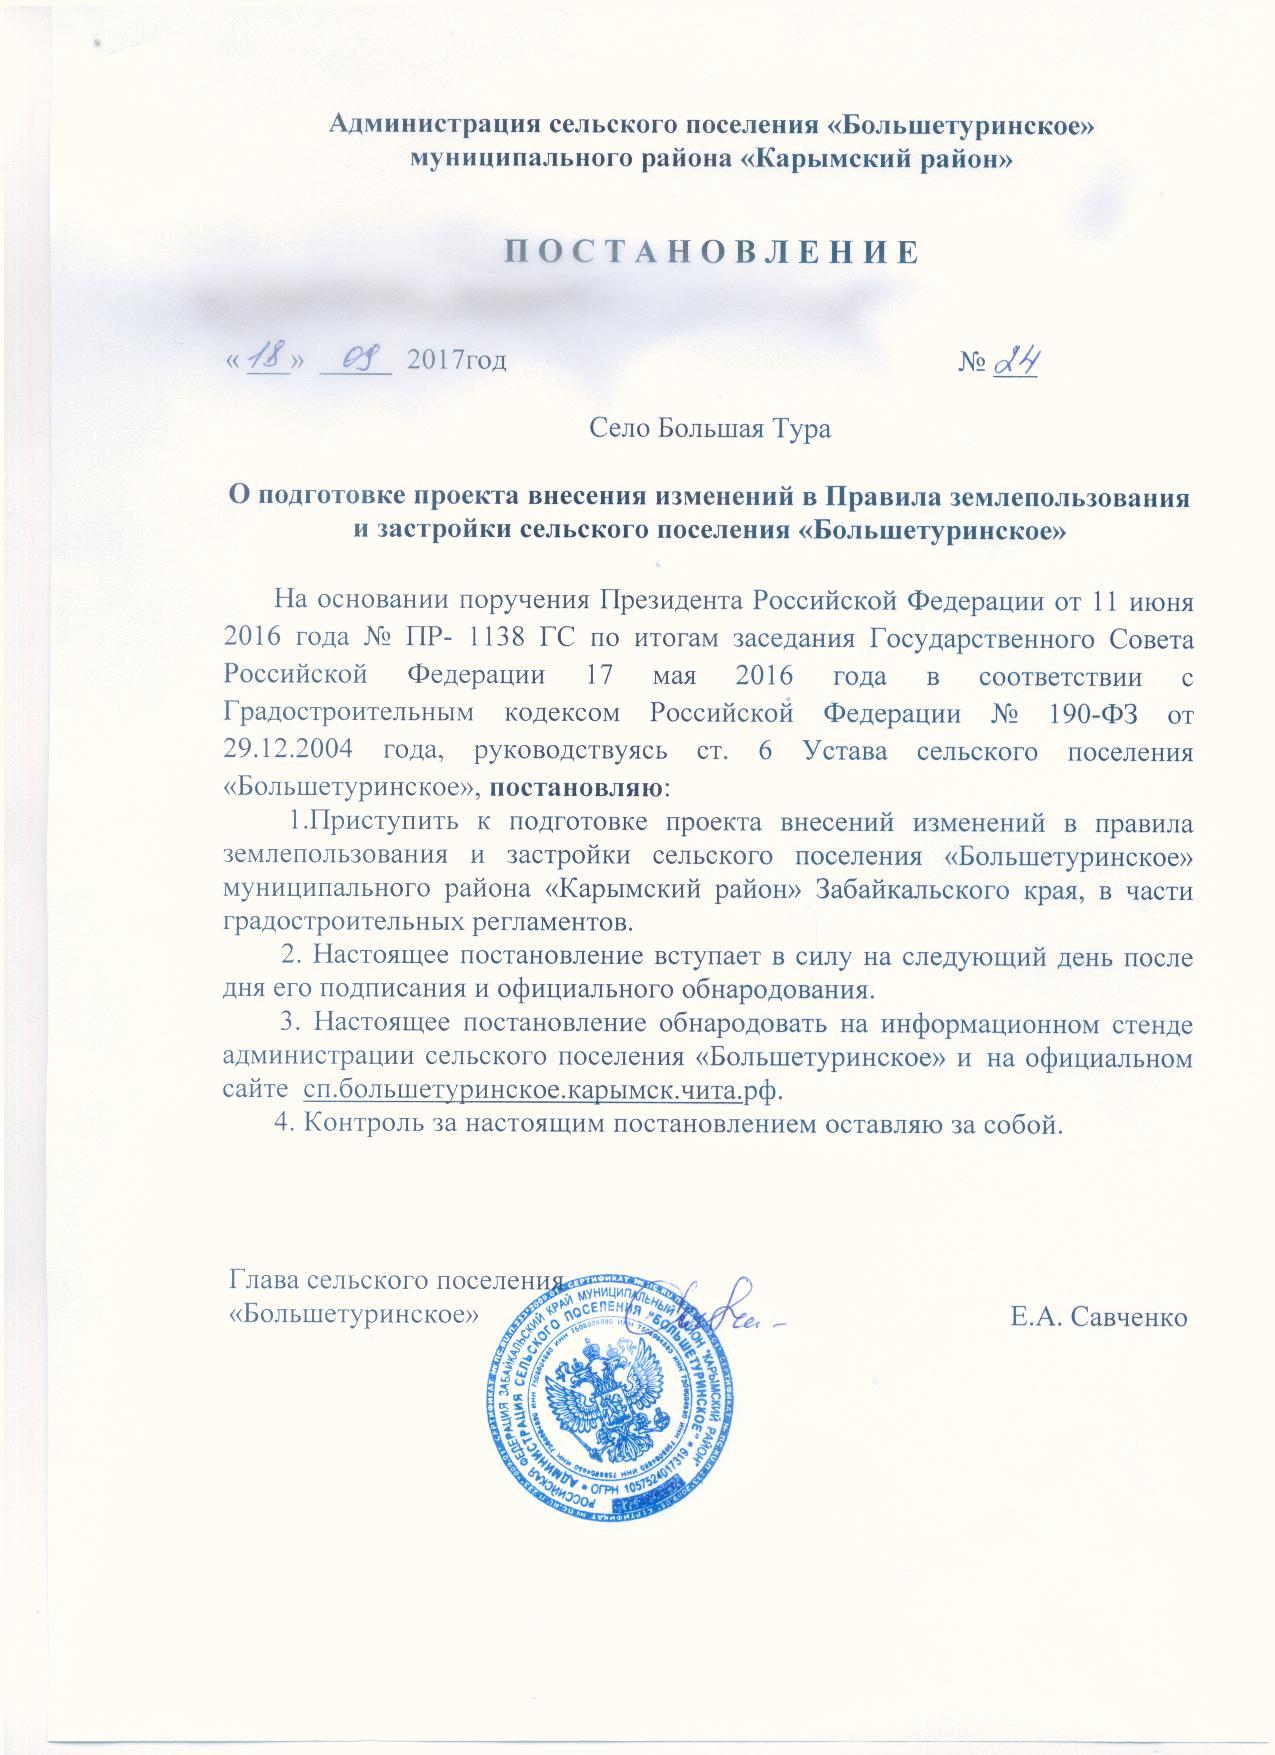 сп Большетуринское внес изм в ПЗЗ